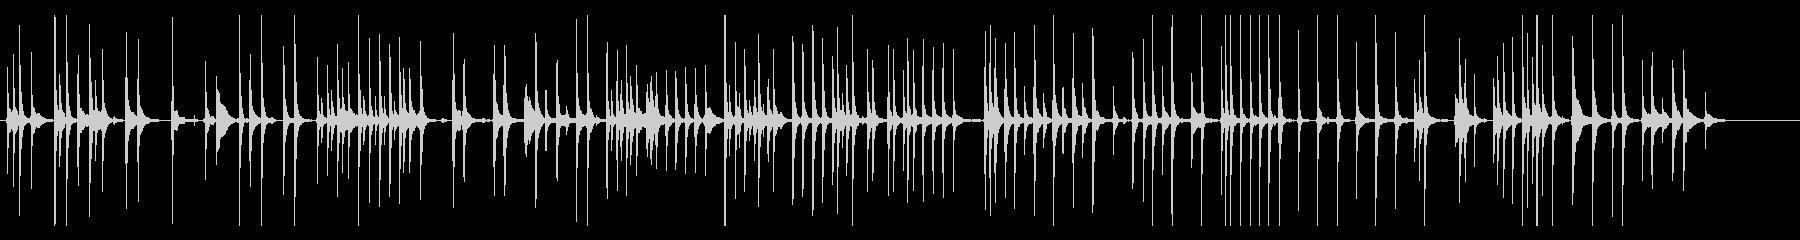 三味線225廓丹前4和風エロ湯女サウナ賑の未再生の波形